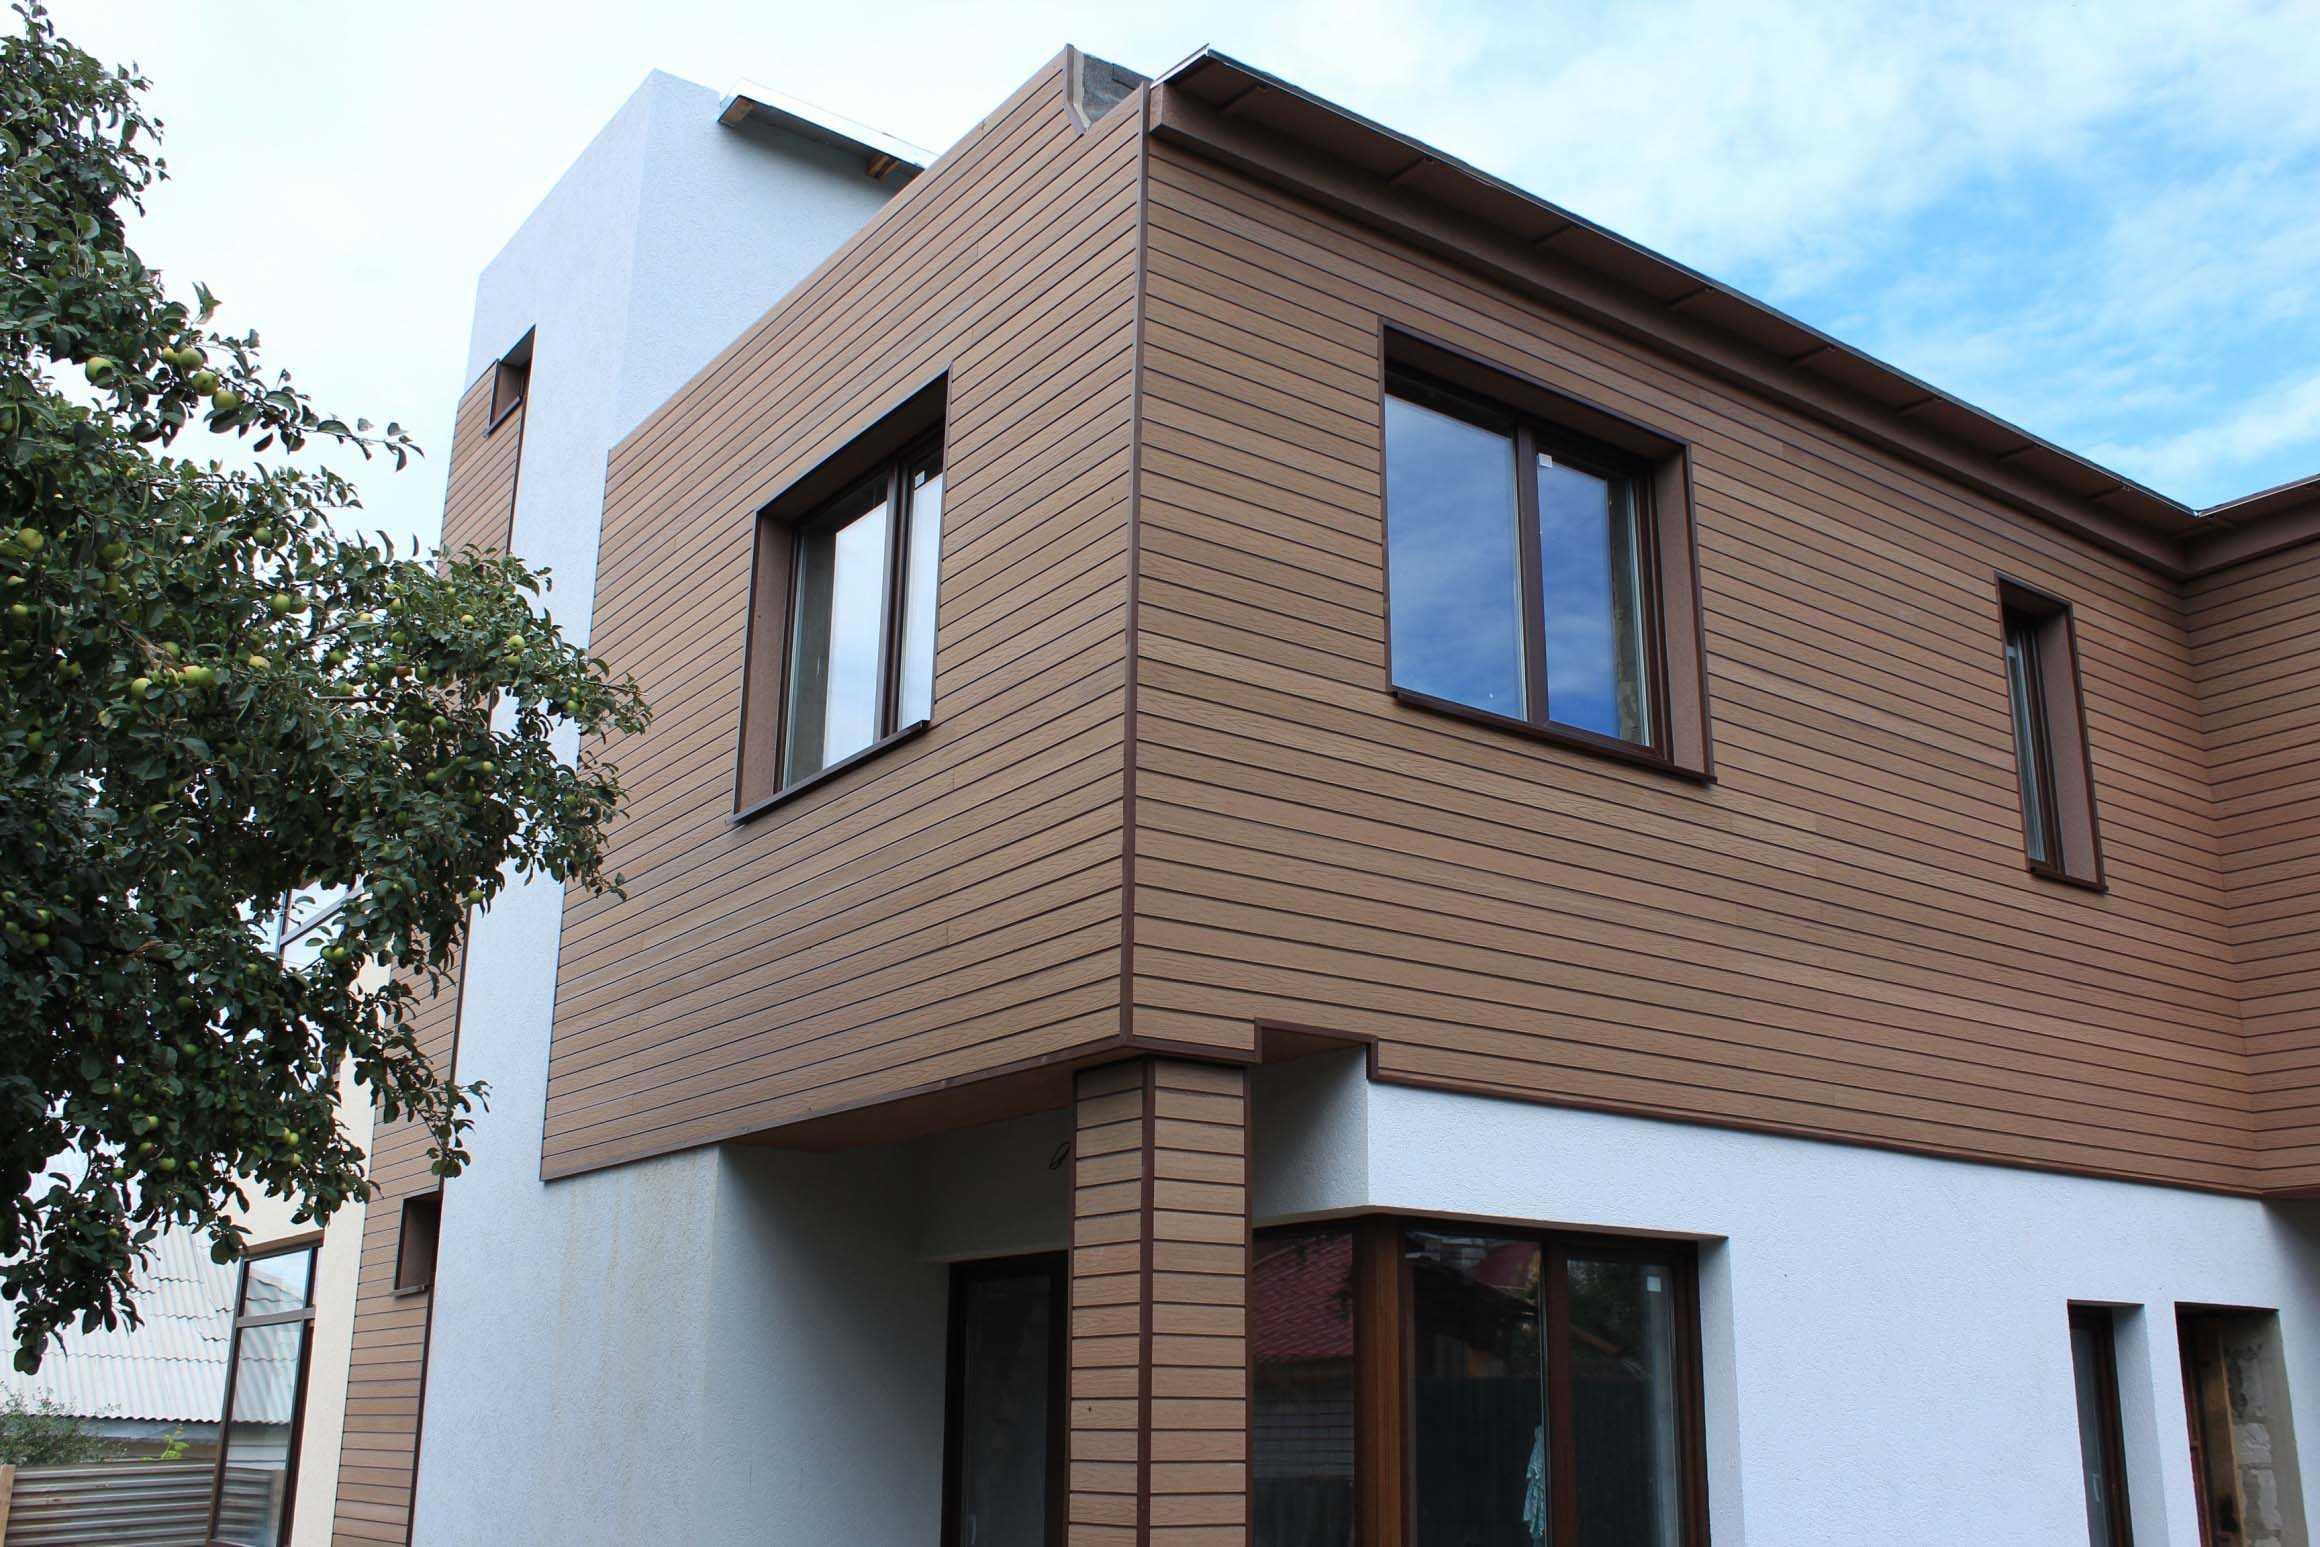 деревянный дом с фасадной облицовкой